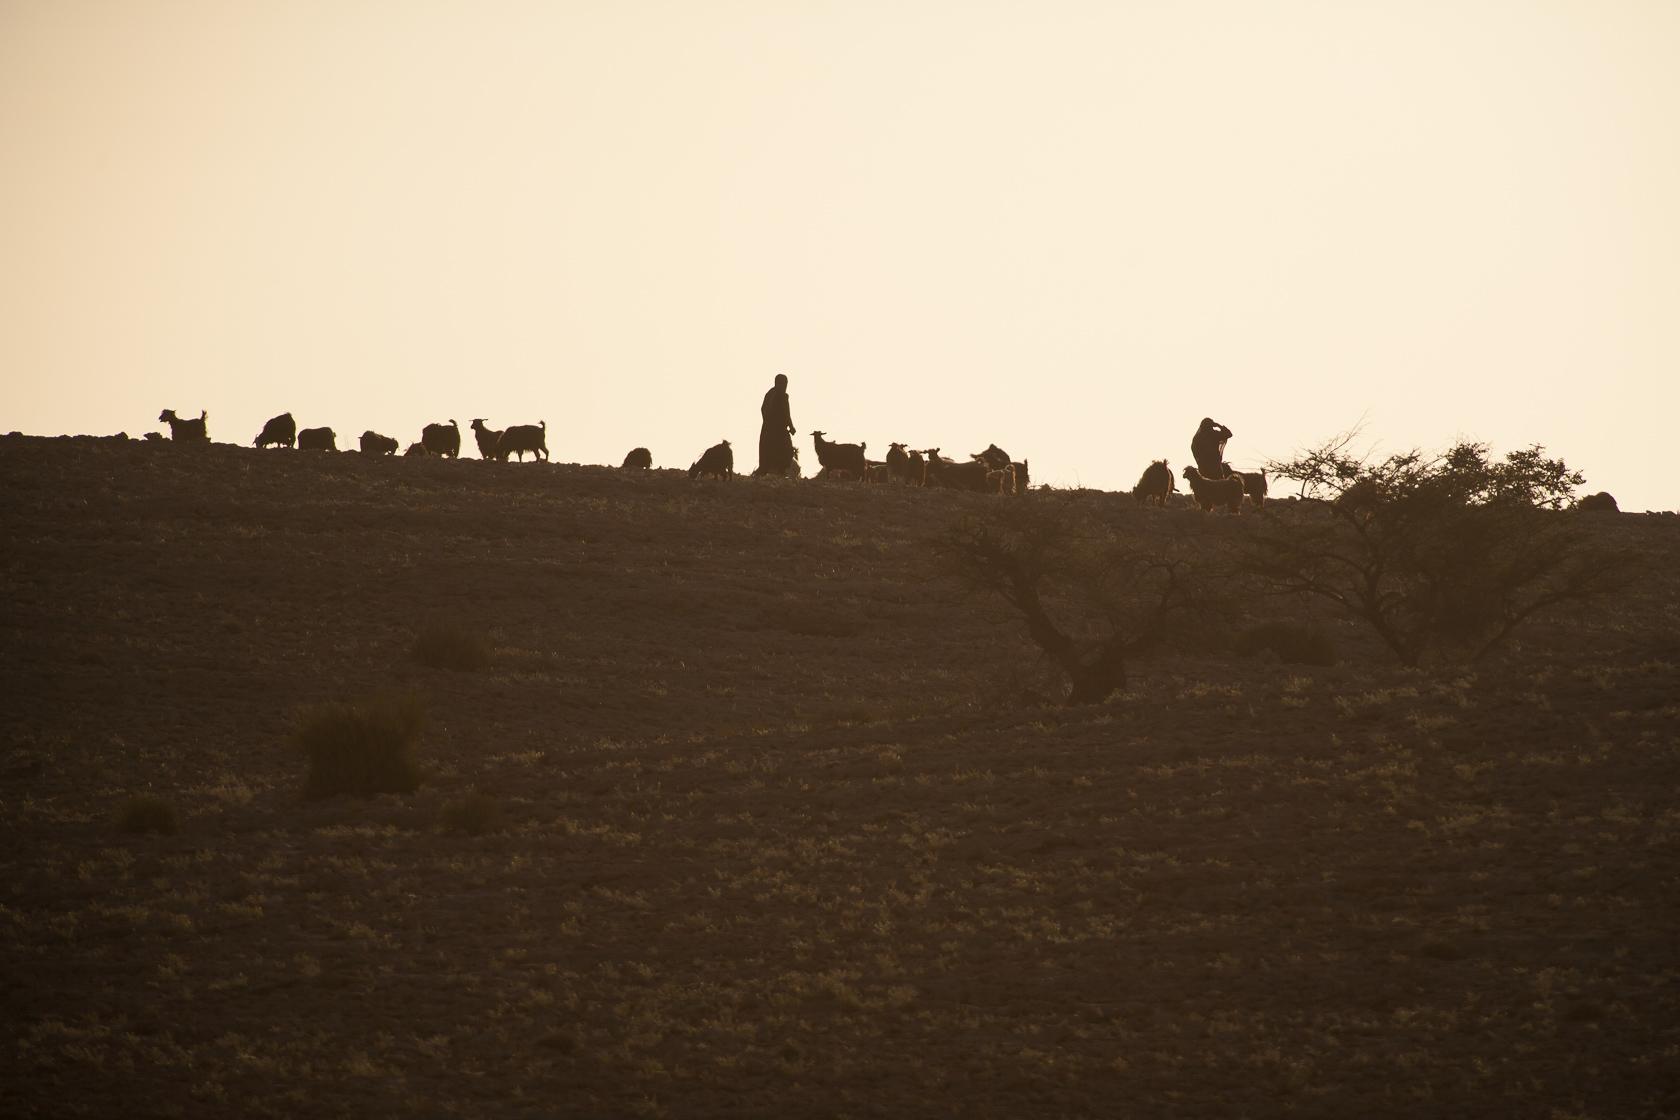 bergers et leur troupeau de chèvres sur le Salmah Plateau à Oman